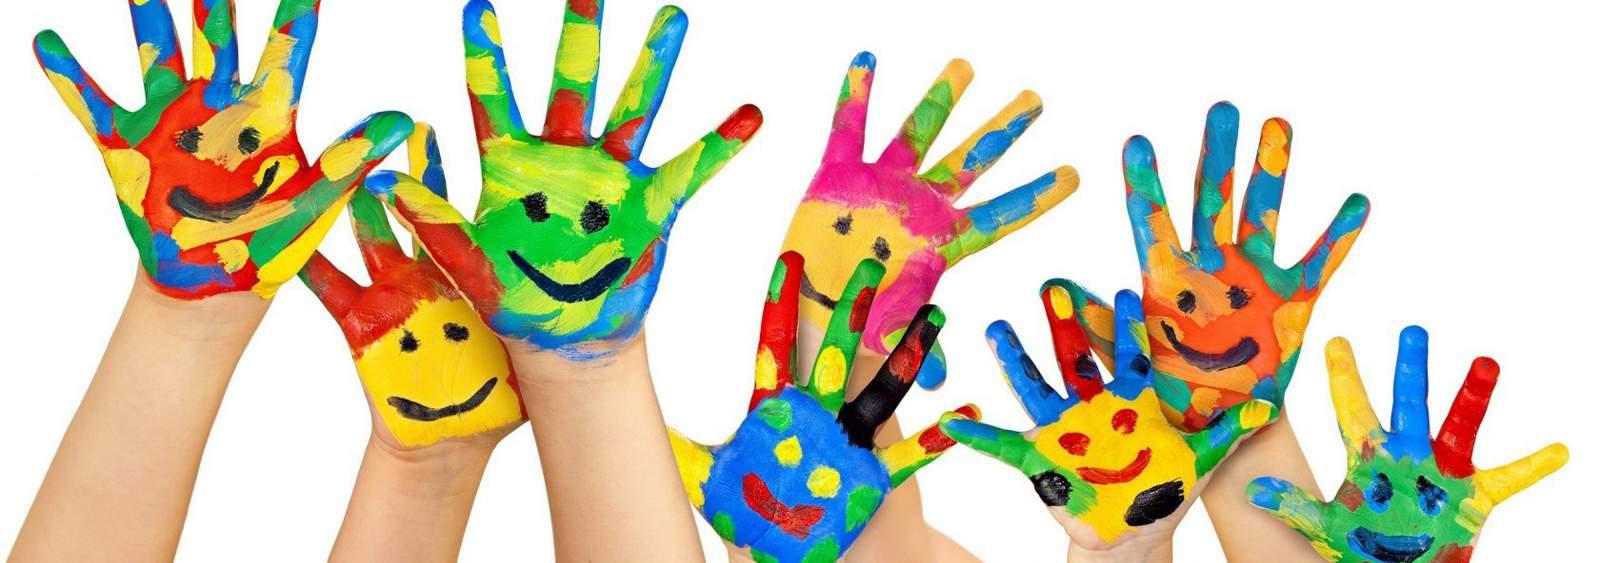 Da oggi puoi trovare tutti gli eventi per bambini e famiglie nelle Marche in un click!